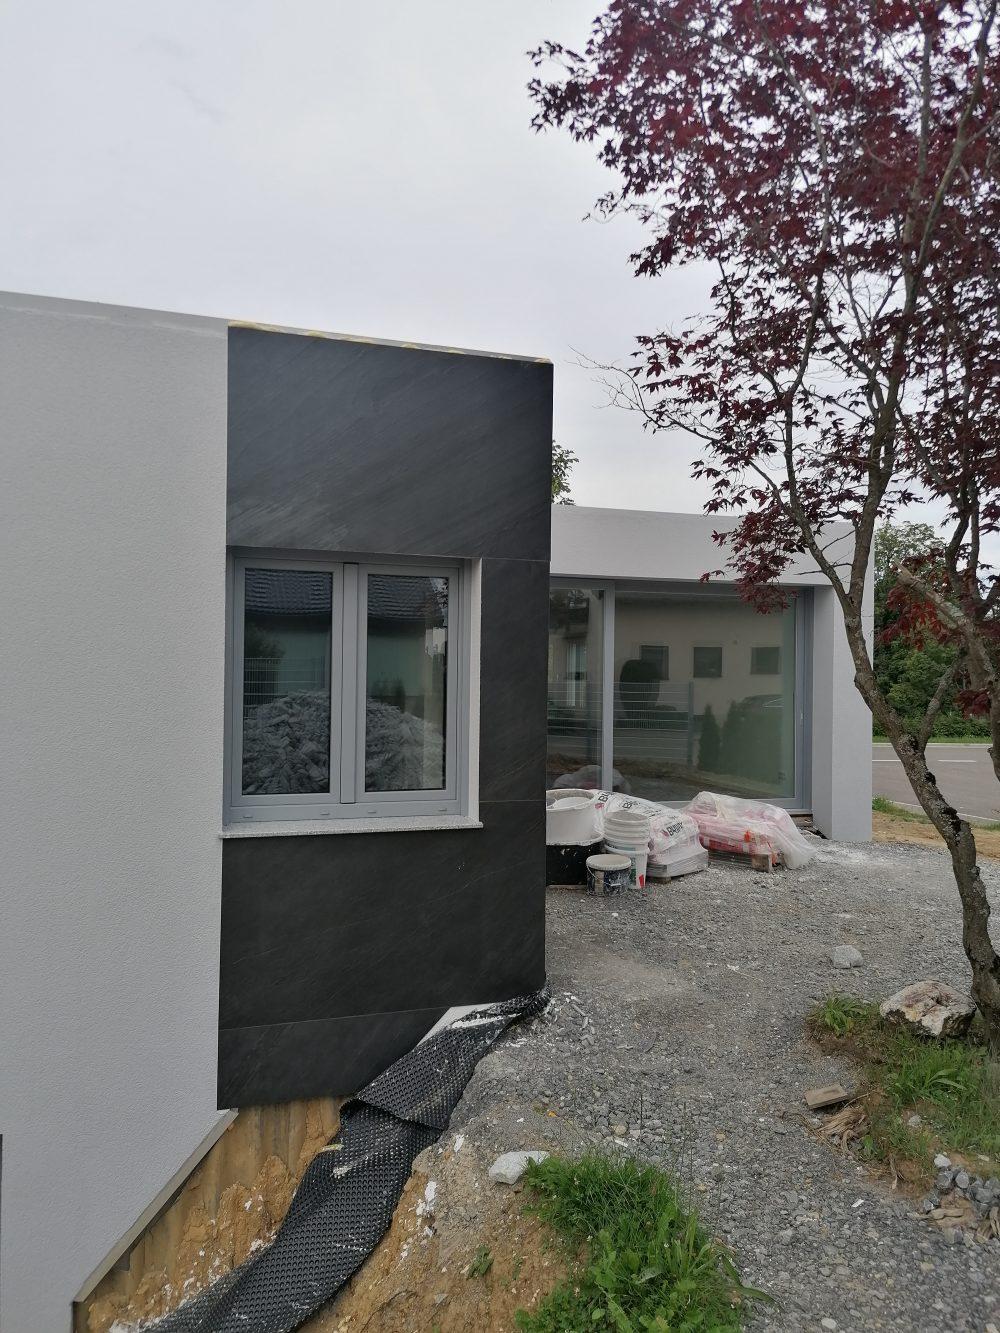 Schieferfurnier Wandverkleidung grau anthrazit Steinwand Wandgestaltung Steinfurnier Hausfassade Außenbereich